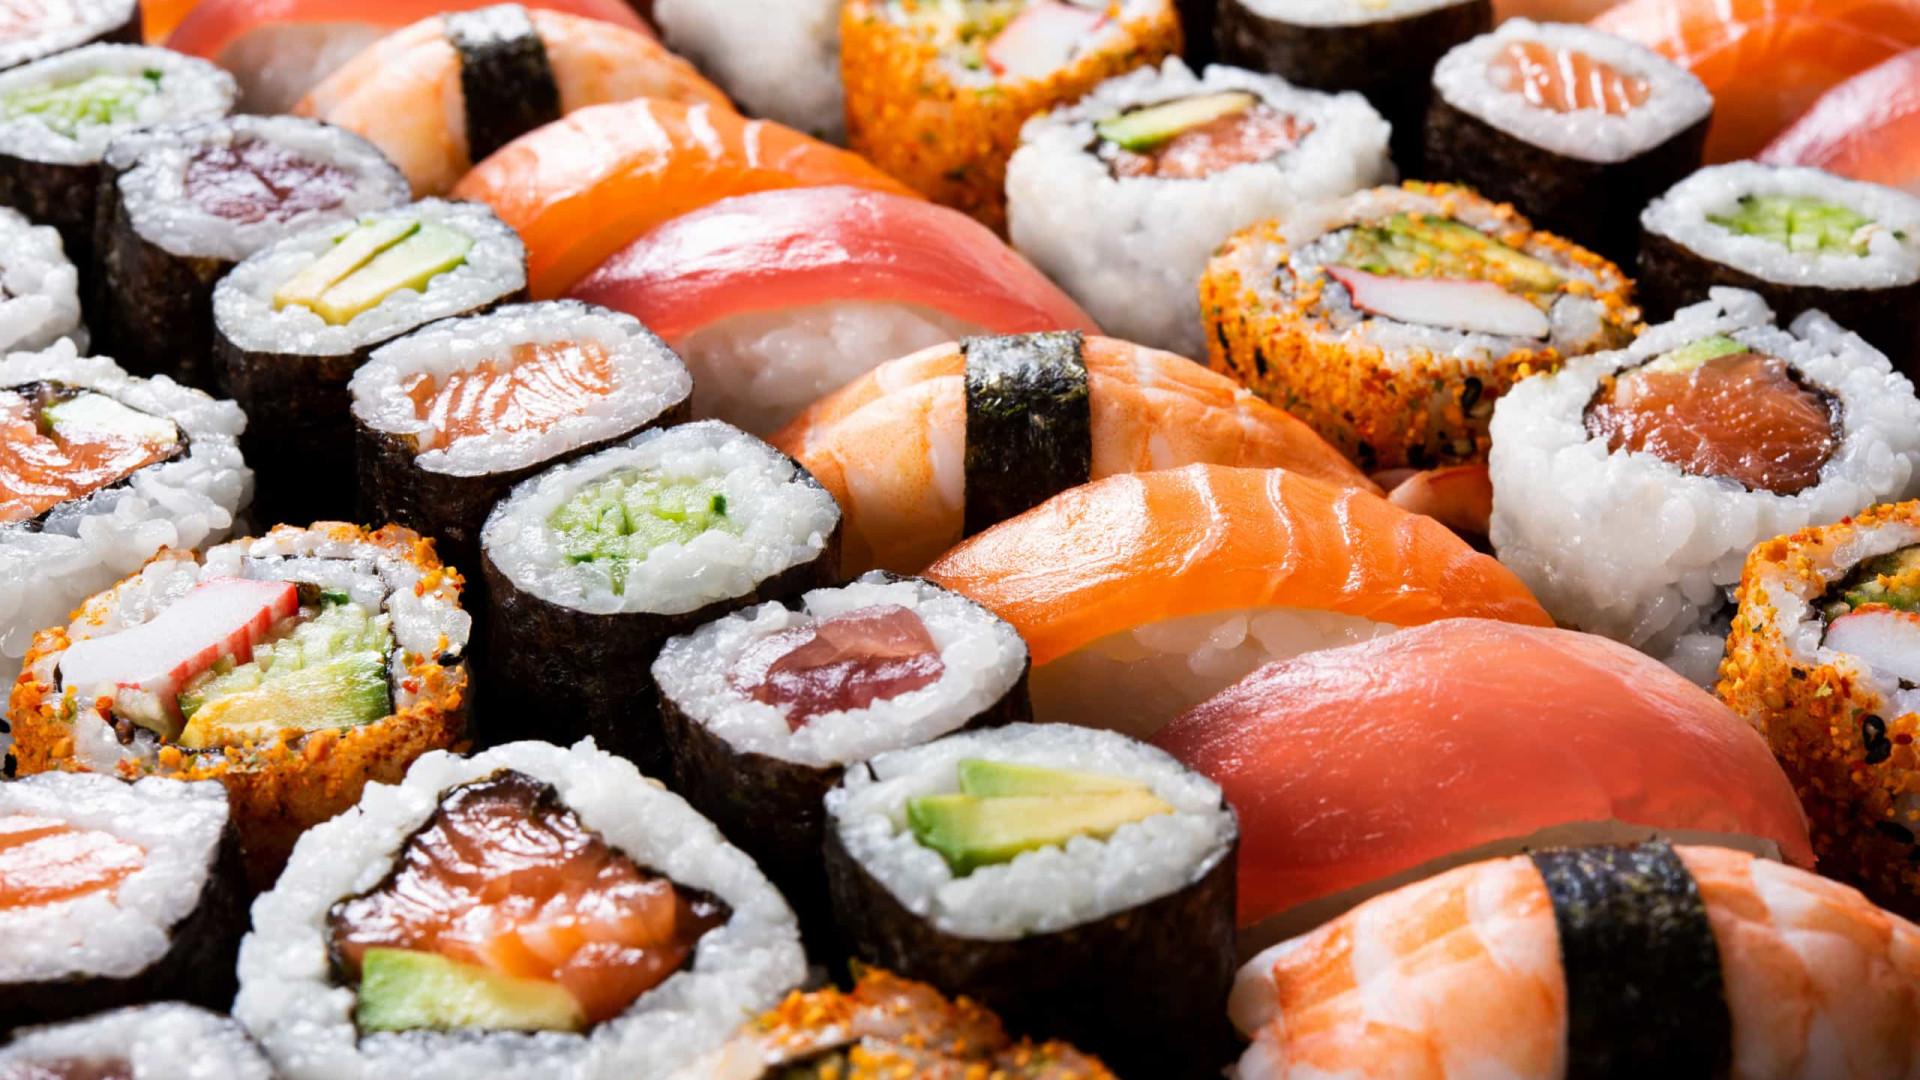 É fã de comida japonesa e tem medo de engordar? Este artigo é para você